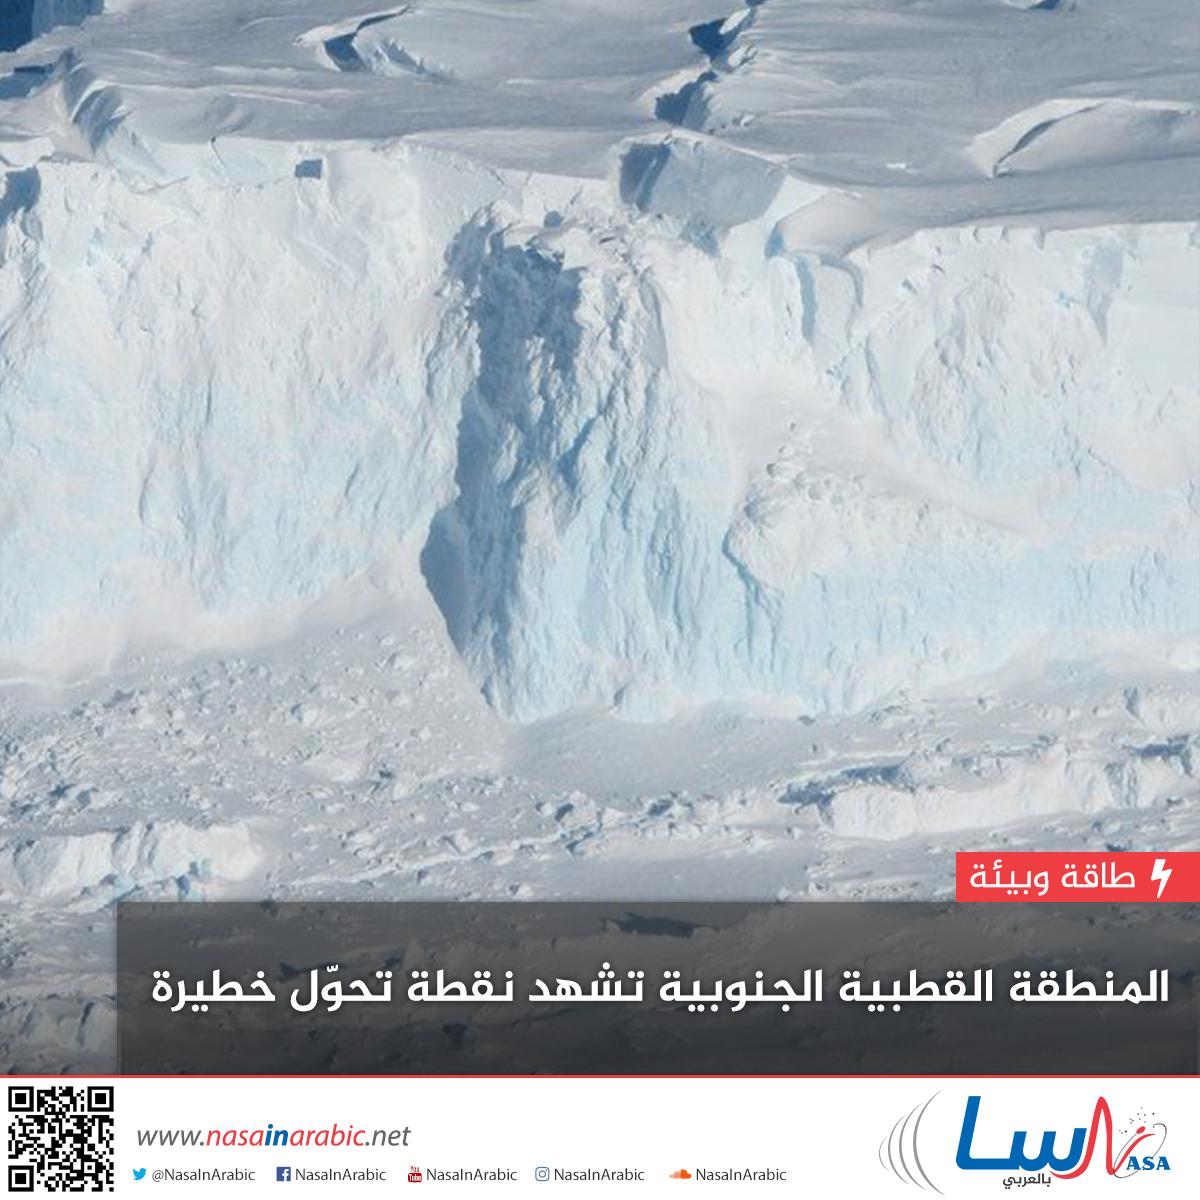 المنطقة القطبية الجنوبية تشهد نقطة تحوّل خطيرة